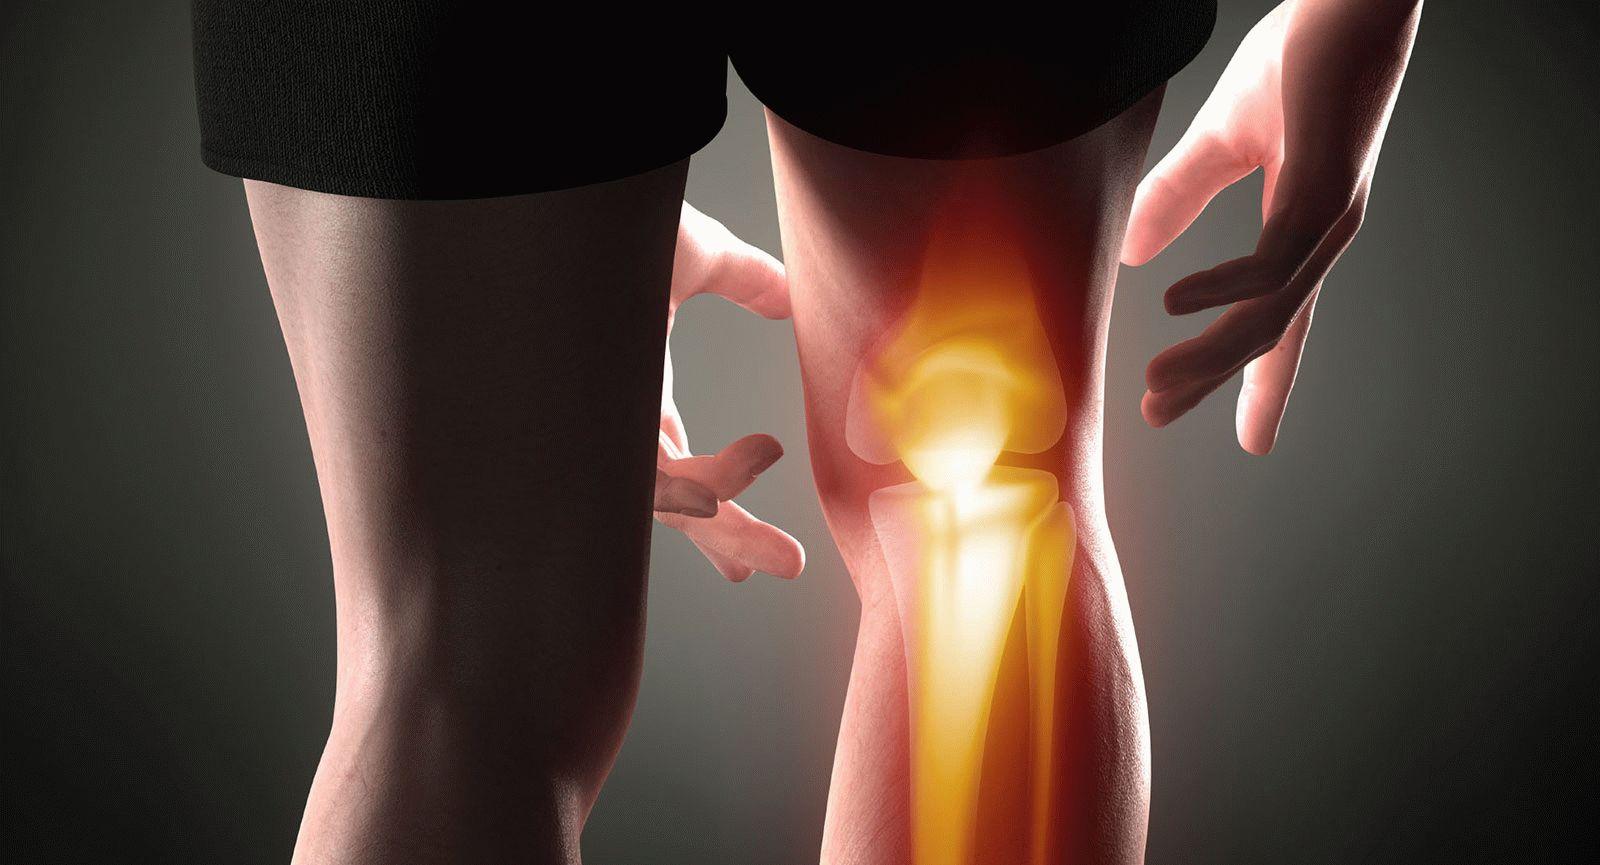 cât timp se prăbușește articulația cu artroza